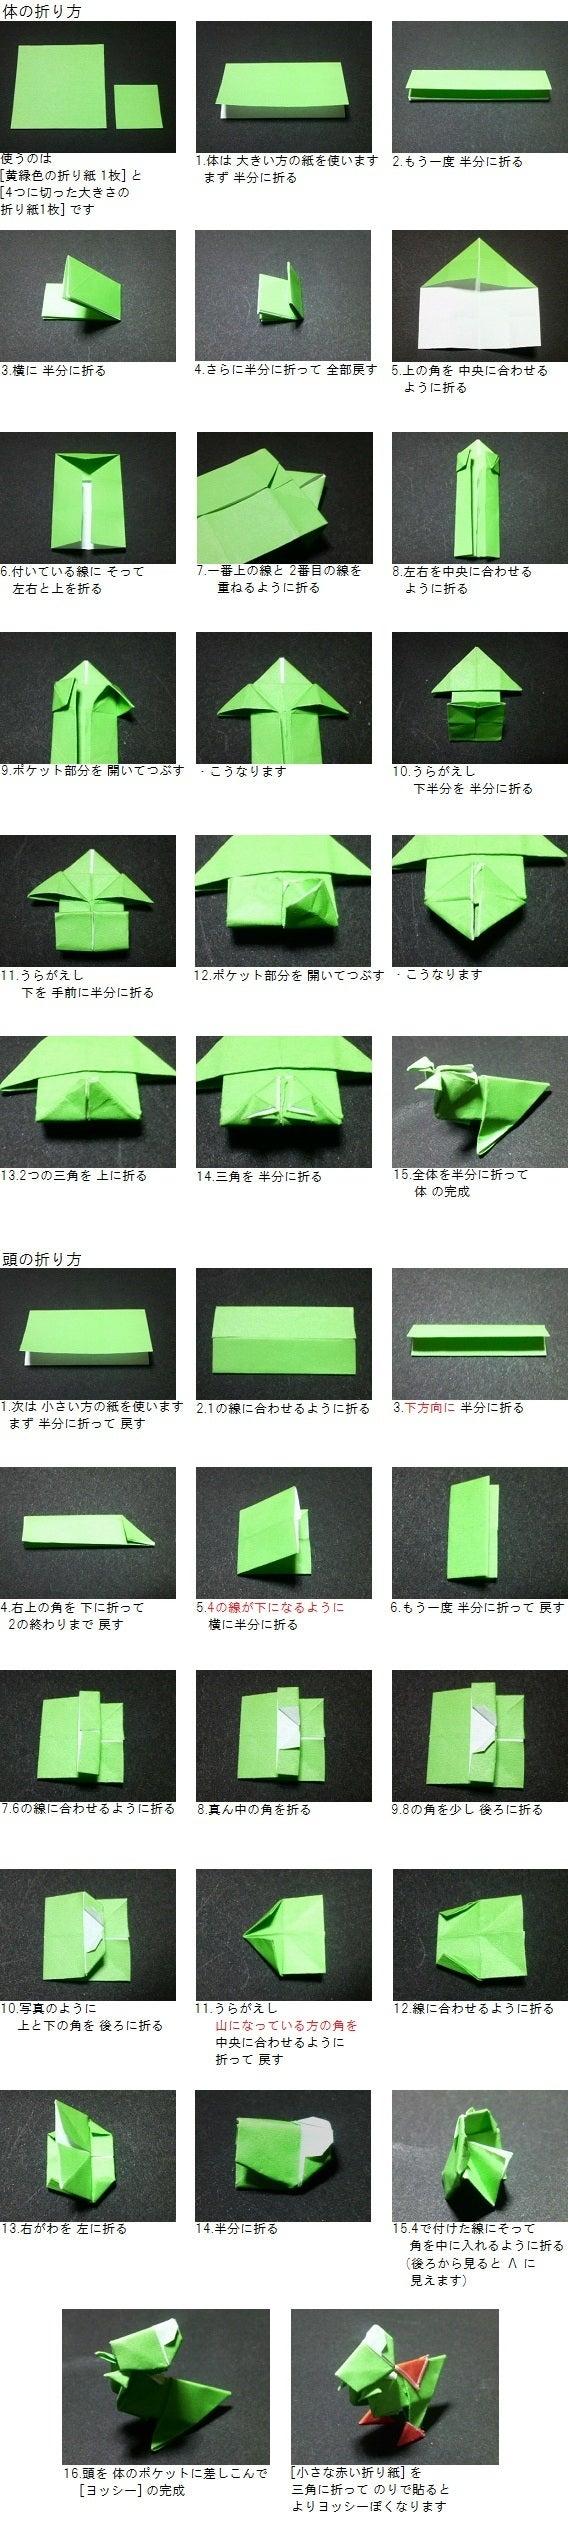 ... 折り紙で★折り紙の折り方 : アンパンマン折り紙の折り方 : 折り紙の